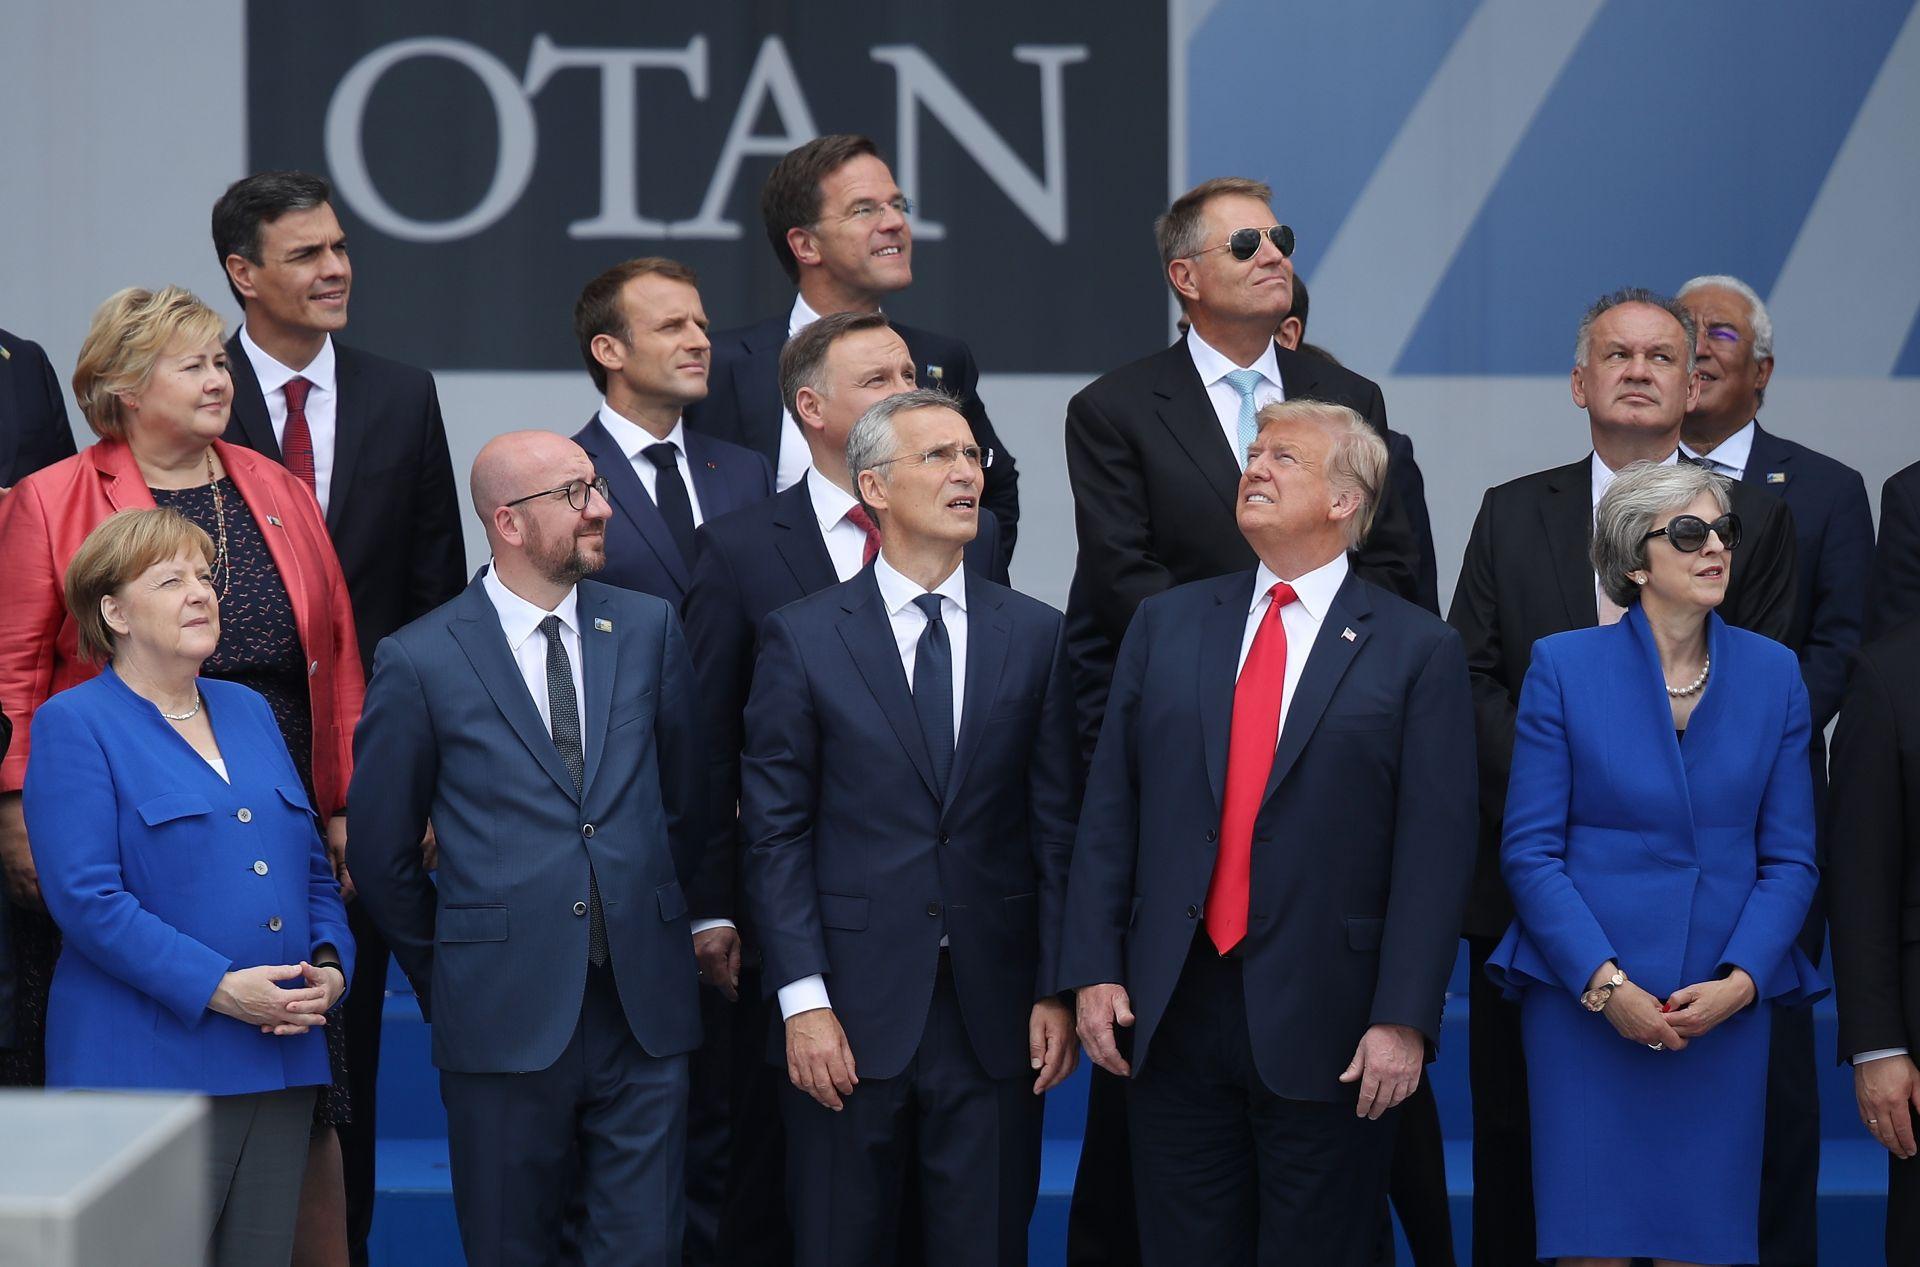 Доналд Тръмп поиска незабавно увеличение на разходите за отбрана на страните от НАТО, което провокираха генералния секретар на Алианса Йенс Столтенберг да свика на 11 юли извънредно среща на върха на НАТО в централата на Алианса в Брюксел